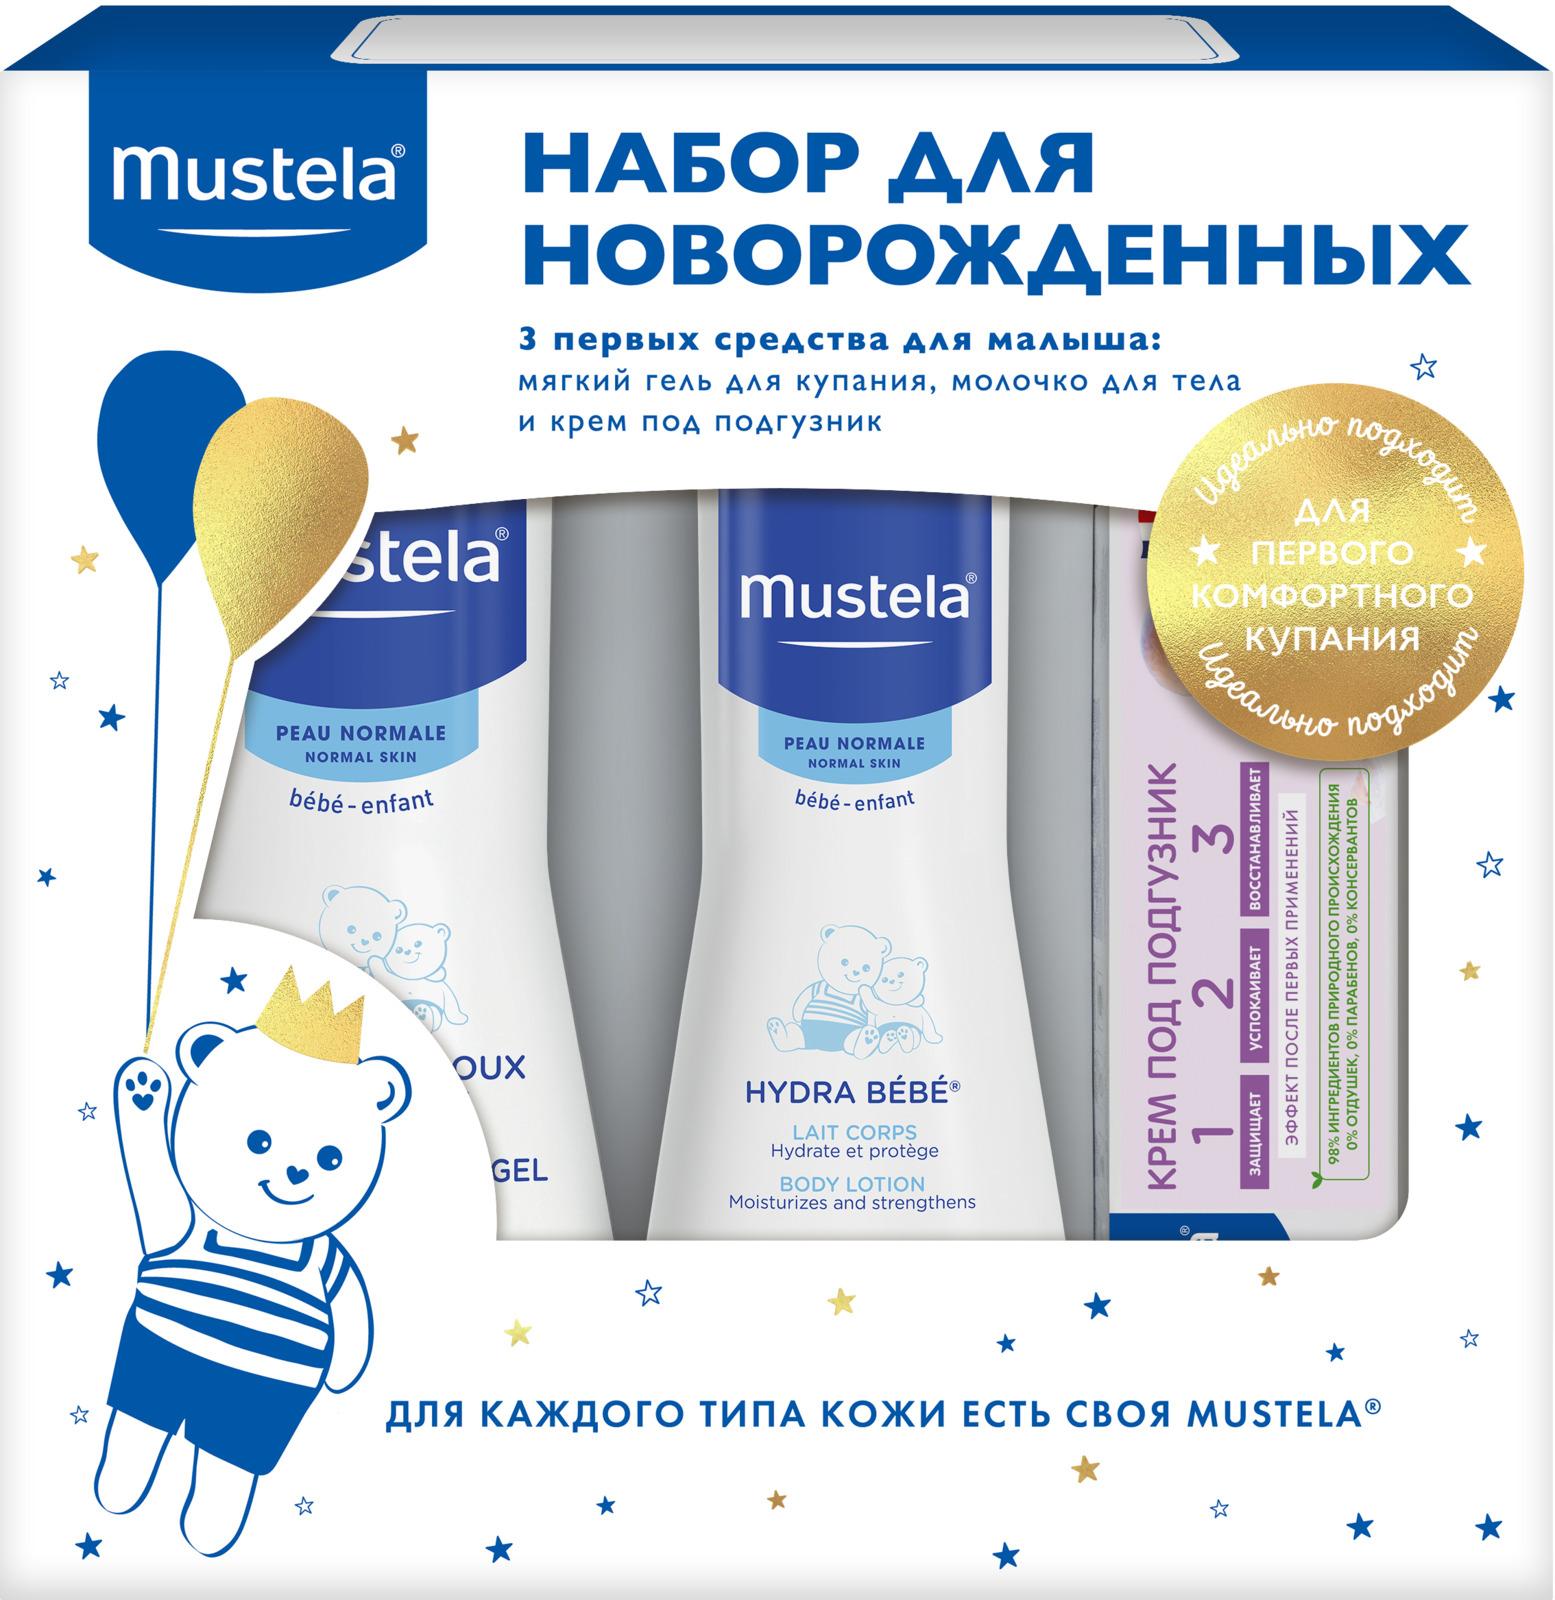 Набор подарочный Mustela Bebe, для новорожденных: мягкий гель, 500 мл, молочко для тела, 300 мл, крем 123, 50 мл набор mustela bebe купание увлажнение гель 500 мл молочко для тела hydra 300 мл